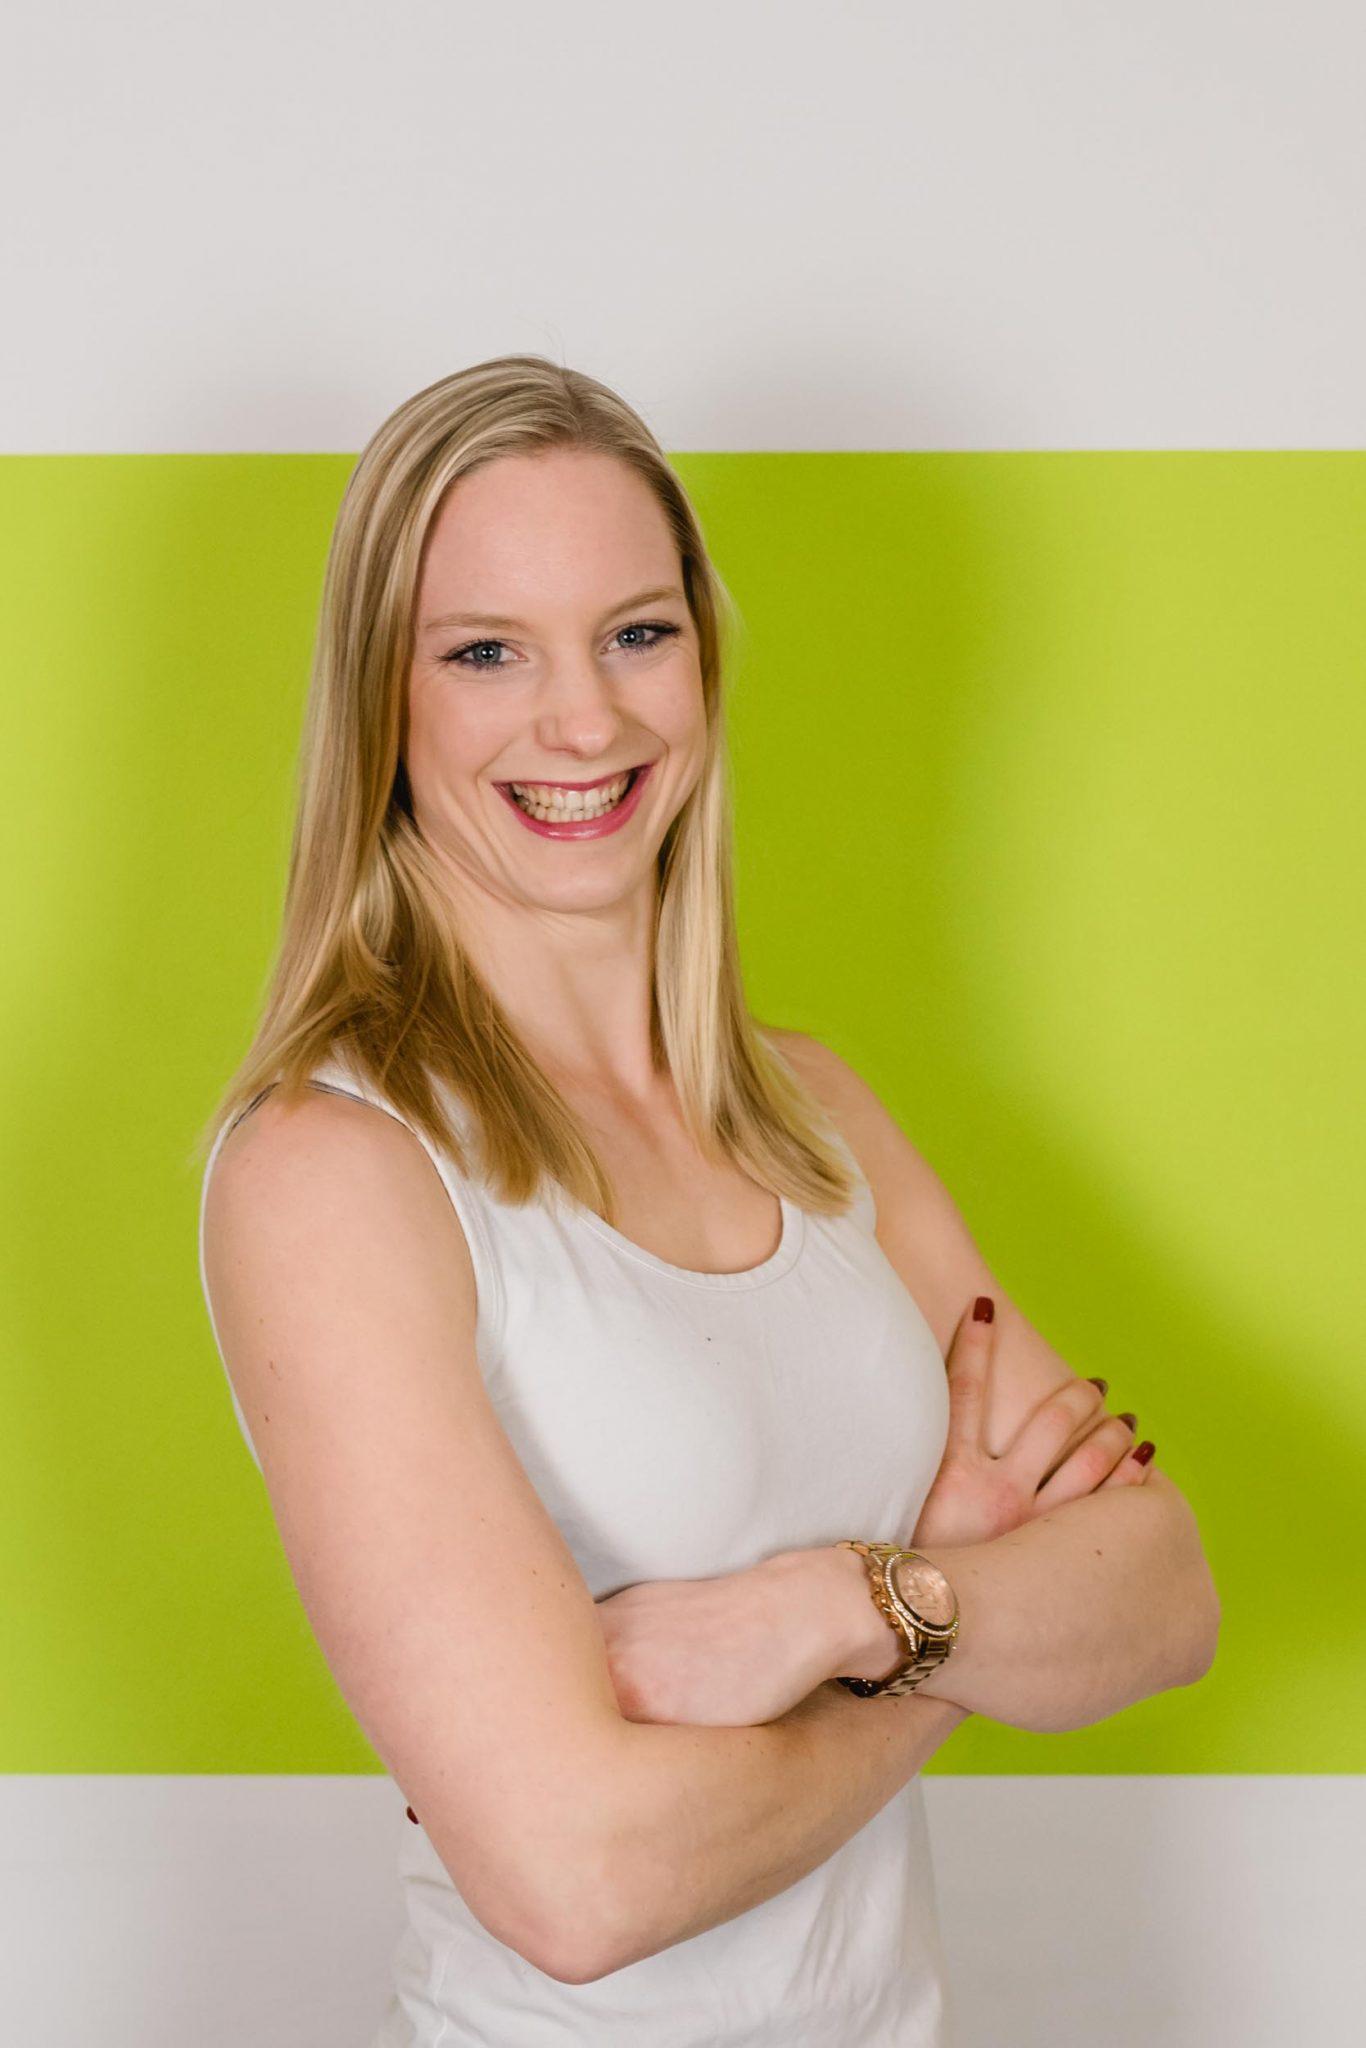 Lara Heinemann